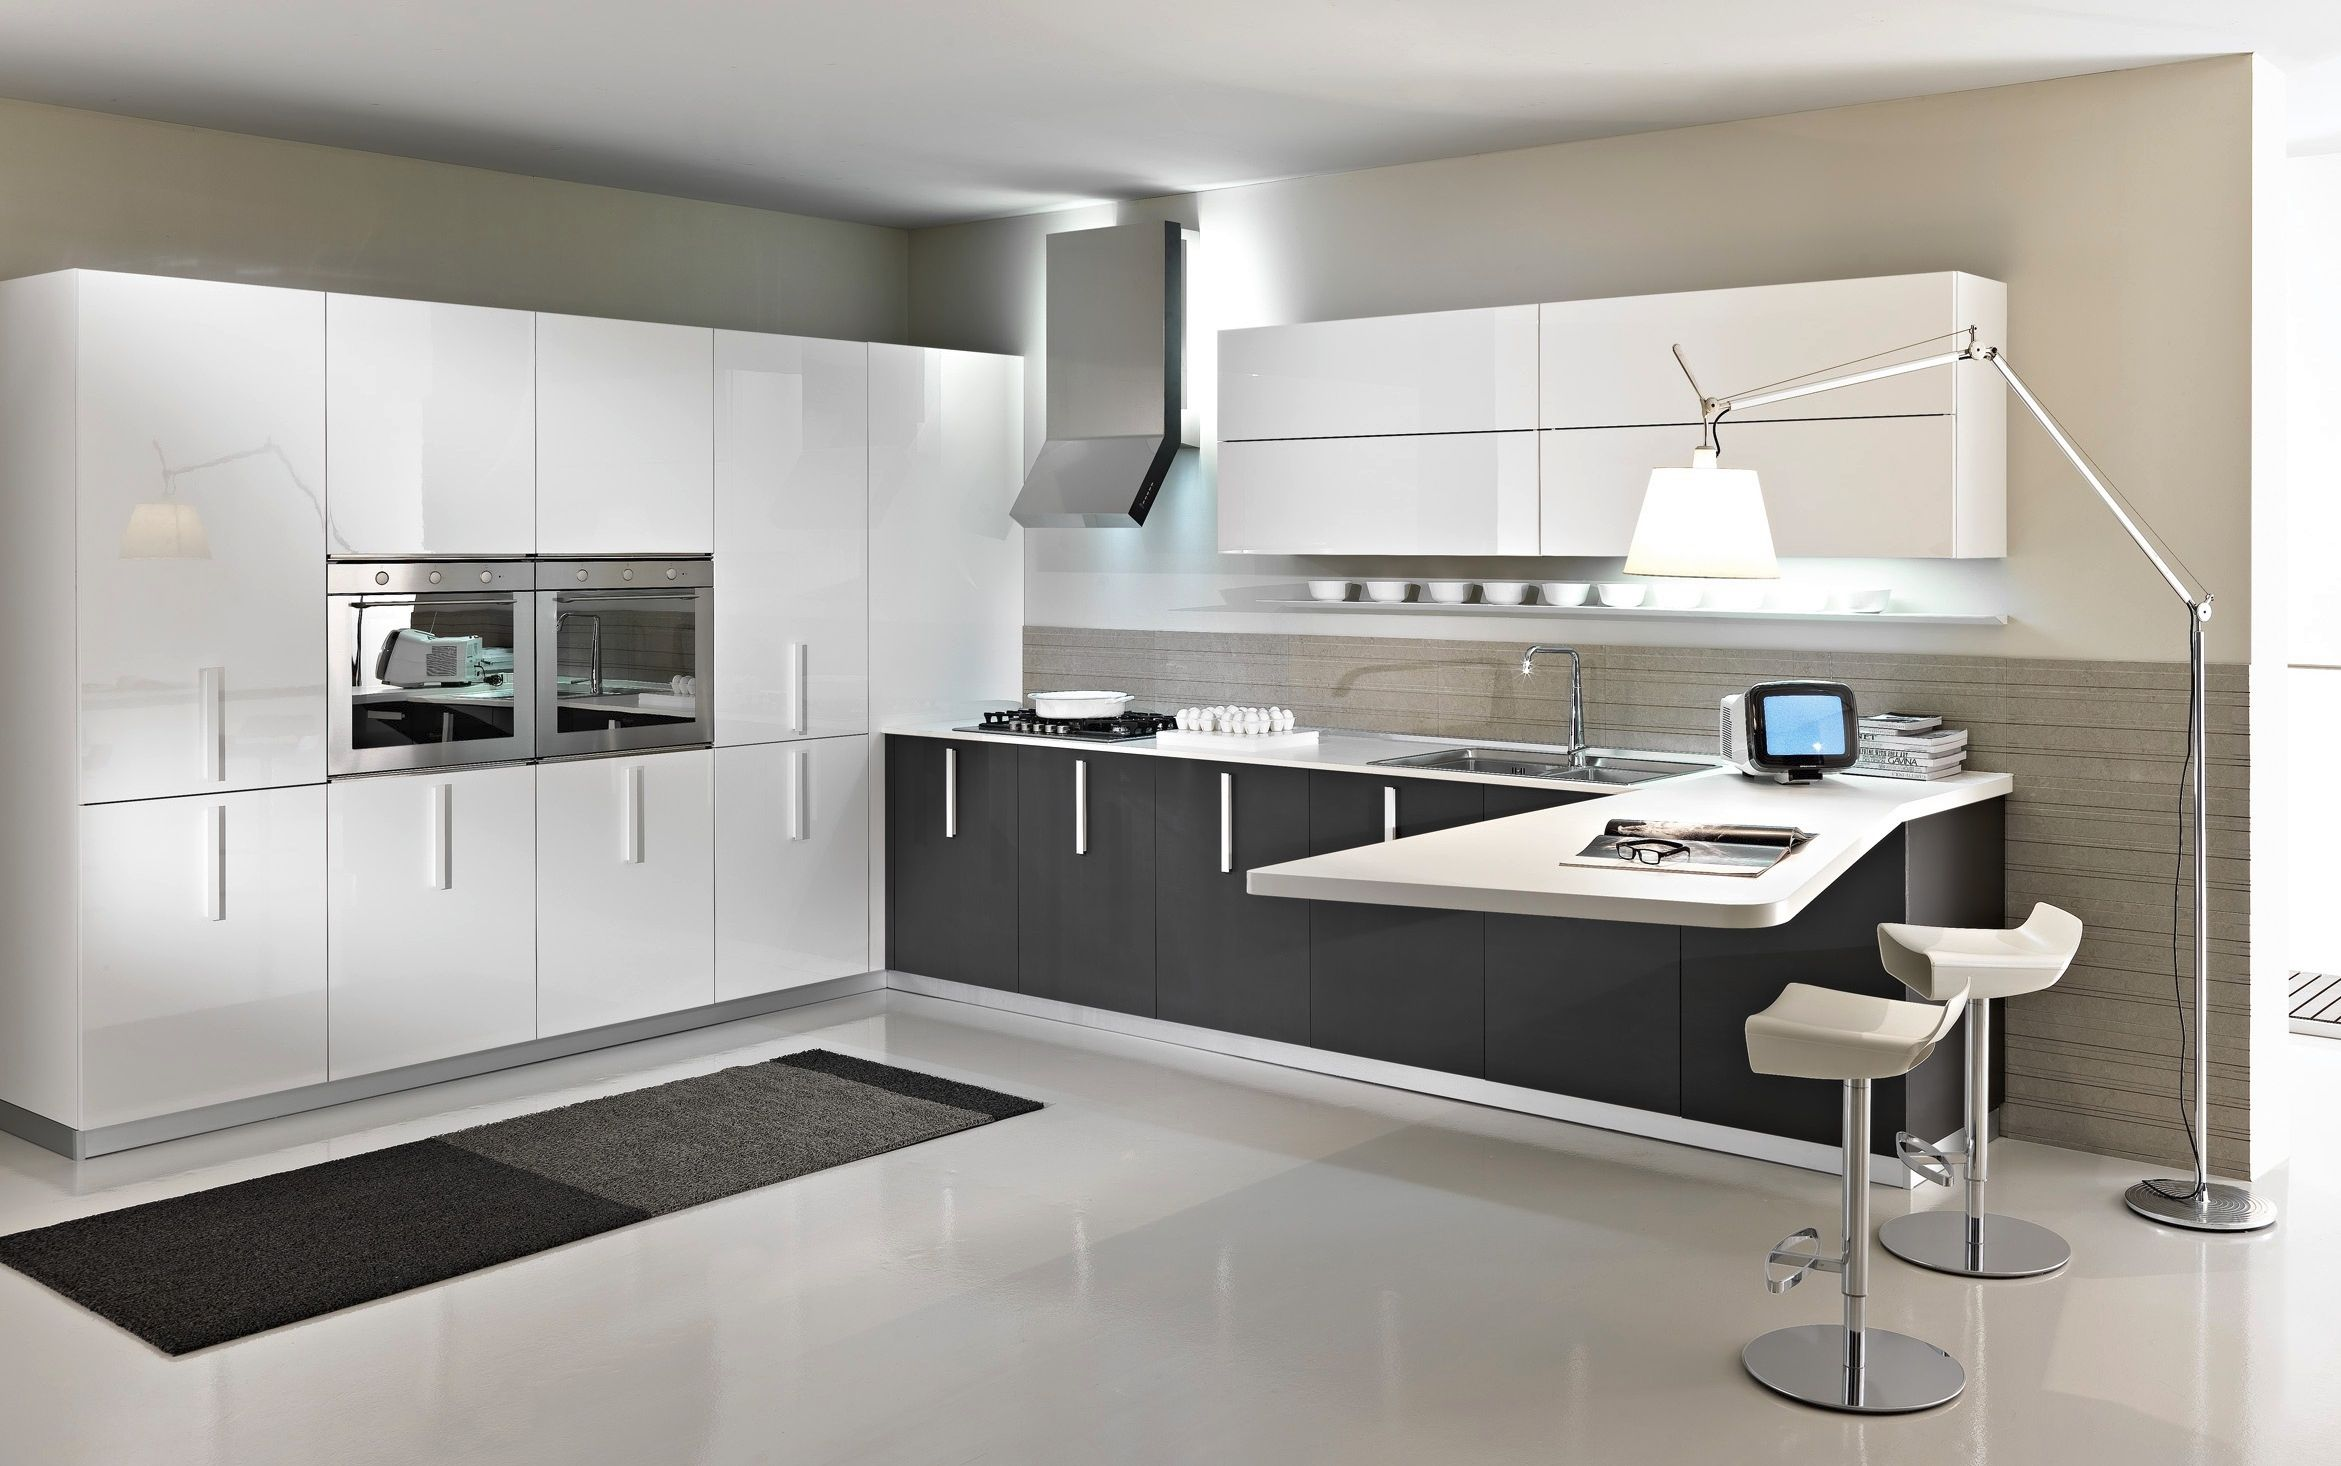 Cucine moderne prezzi - Prezzi cucine moderne ...